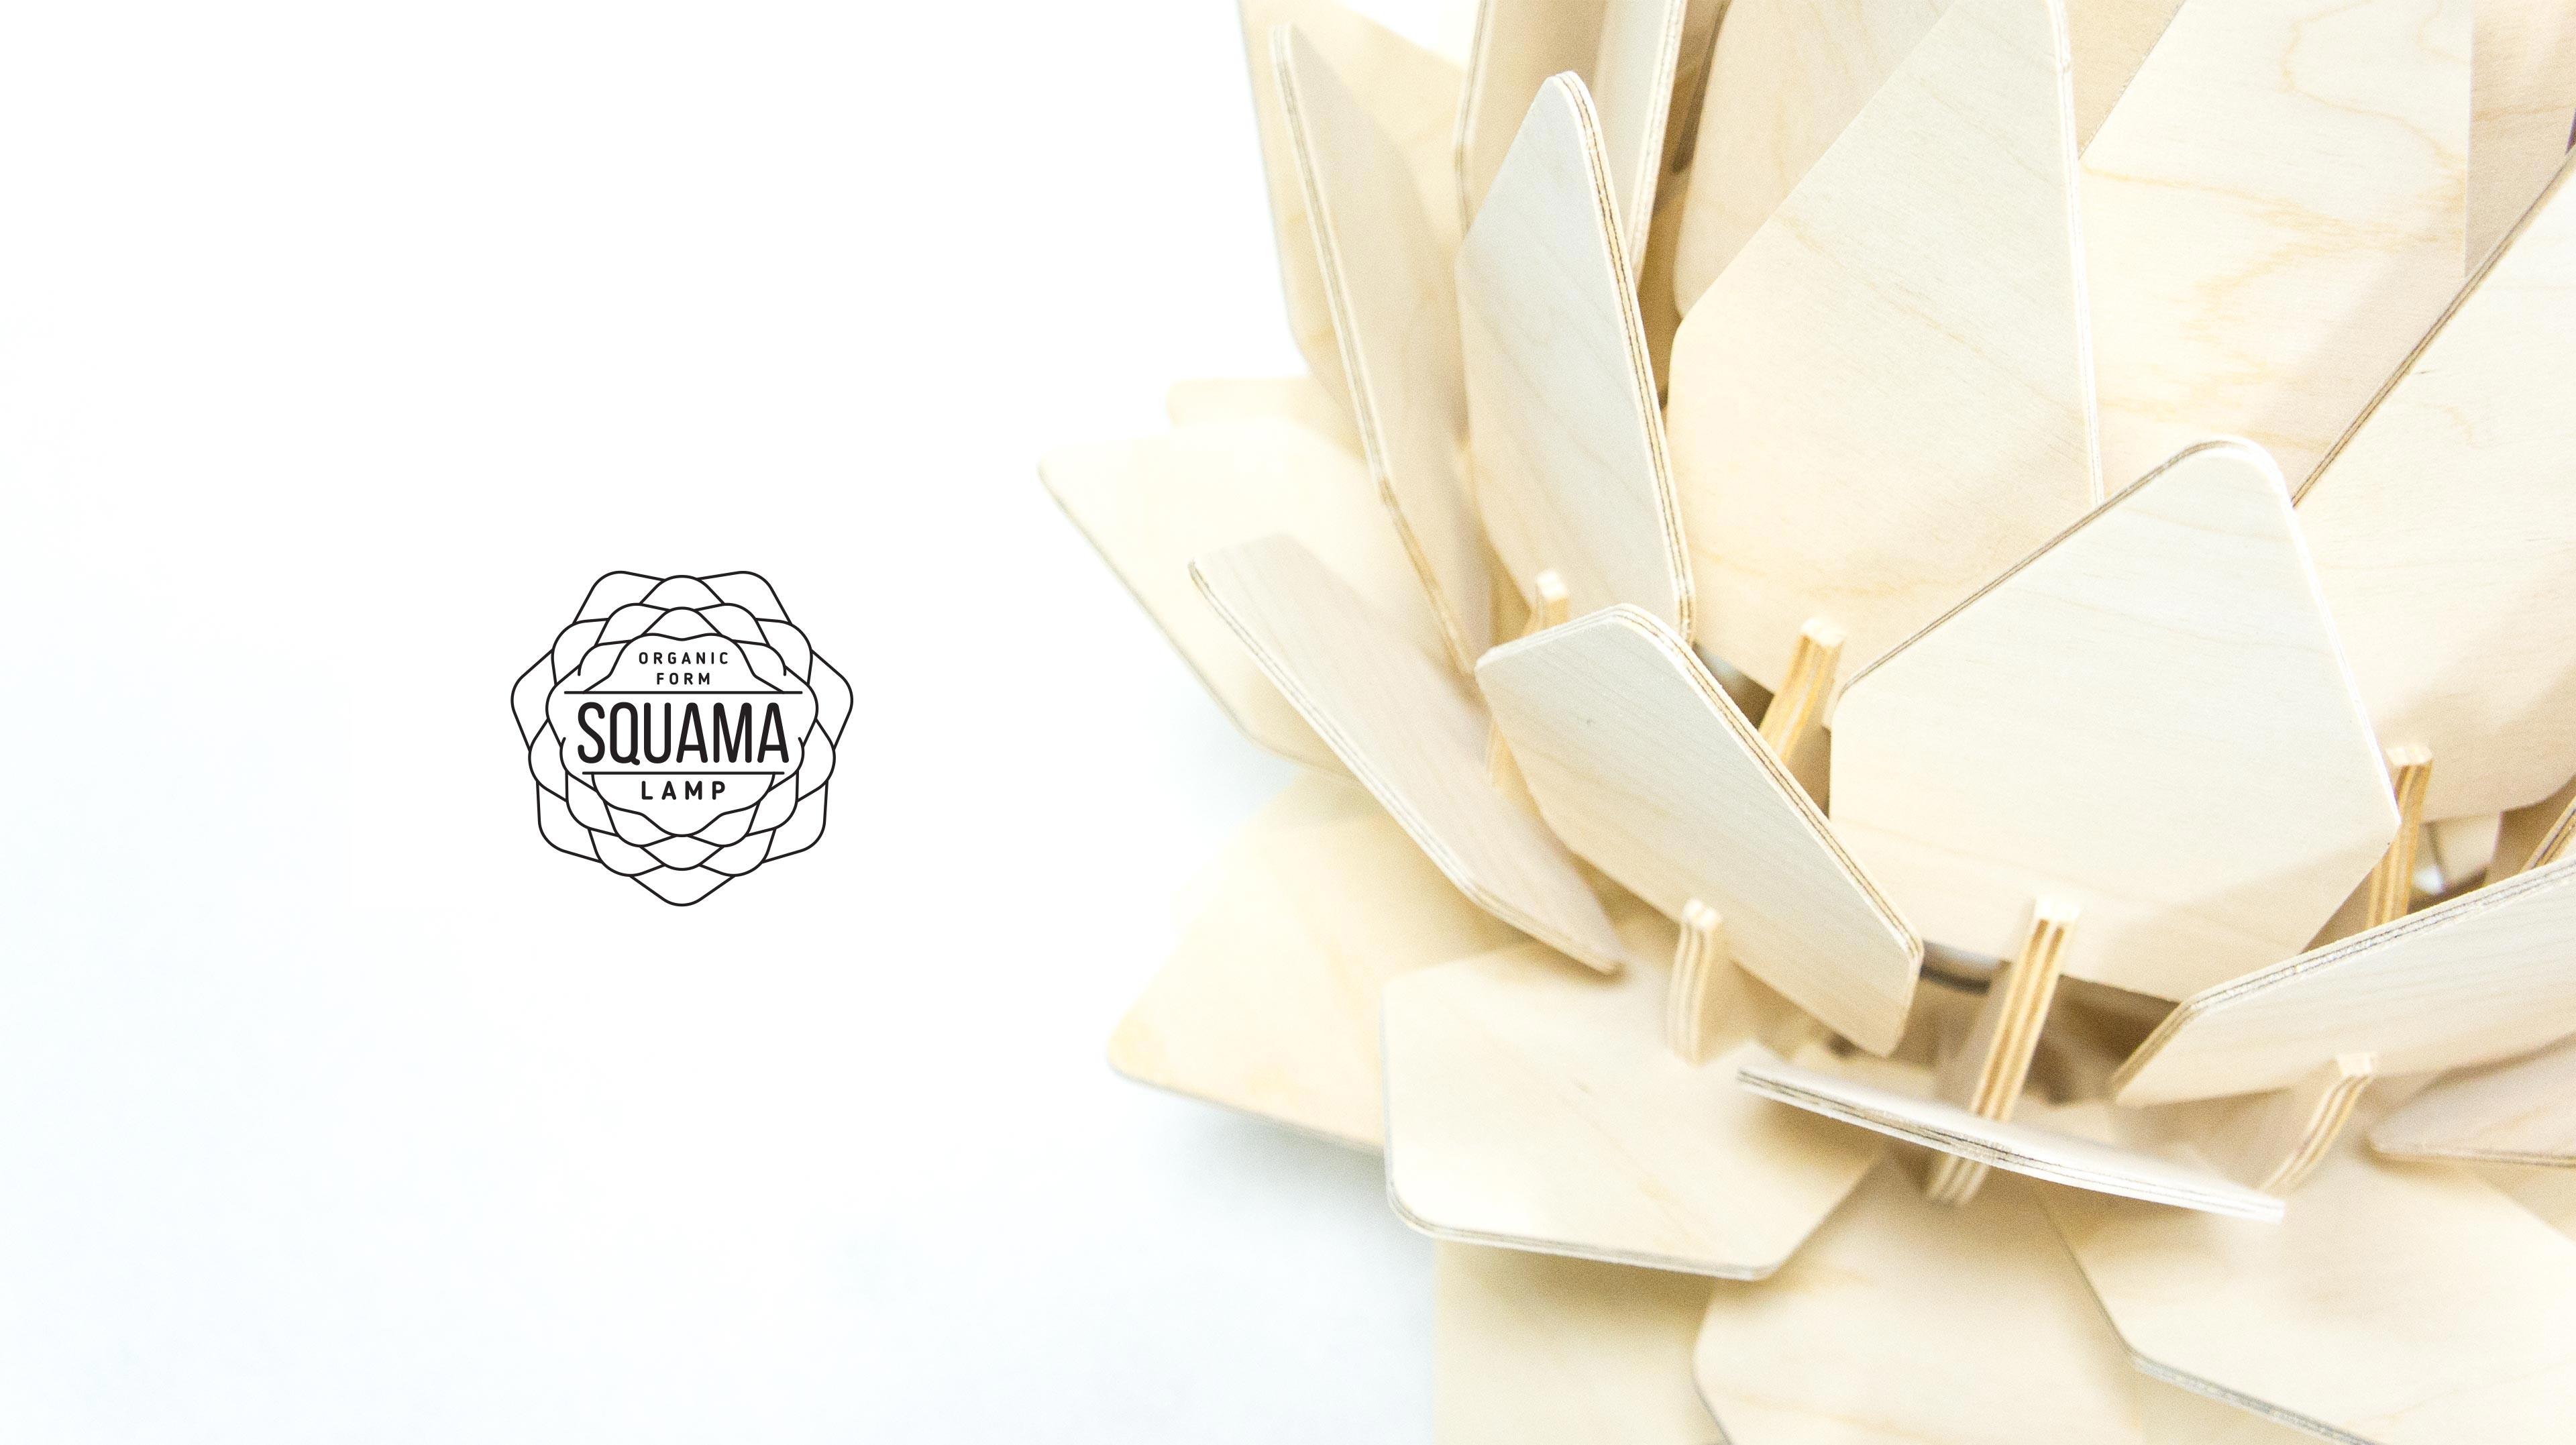 squama_5